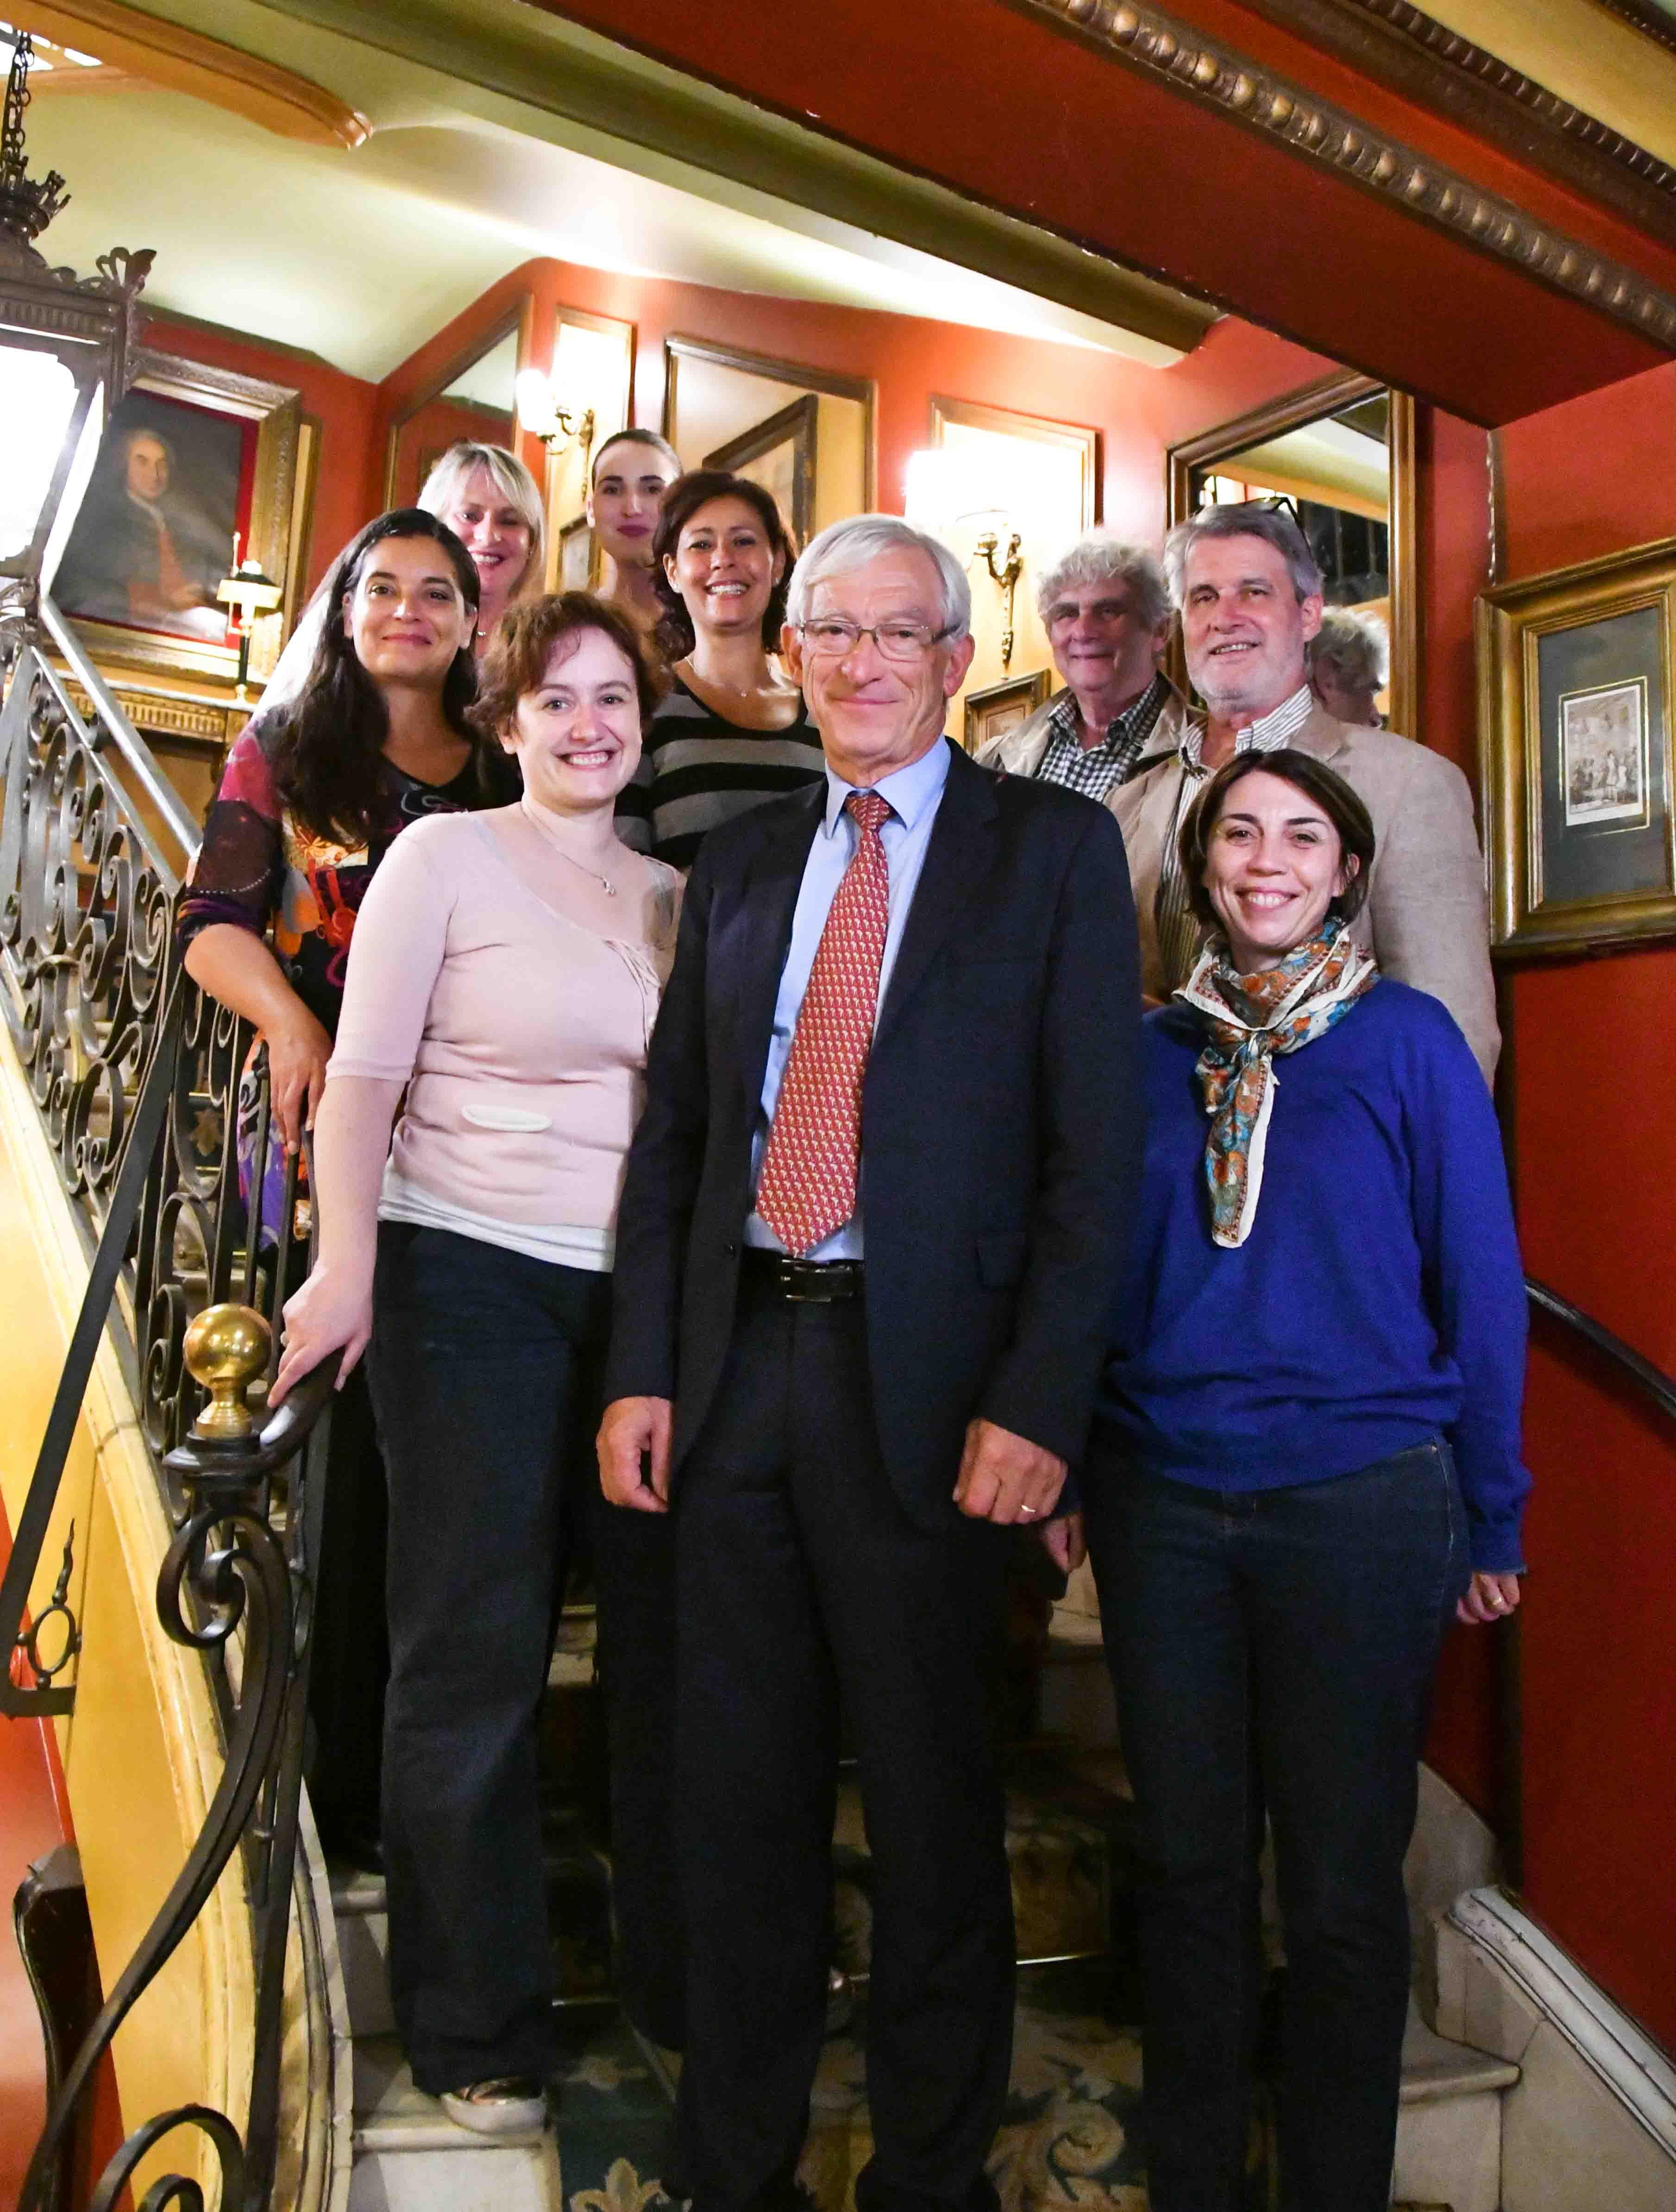 En bas du célèbre escalier du Procope, le président du jury Roger Belot est entouré de tous les jurés et des organisateurs. Photo : Catherine Cros